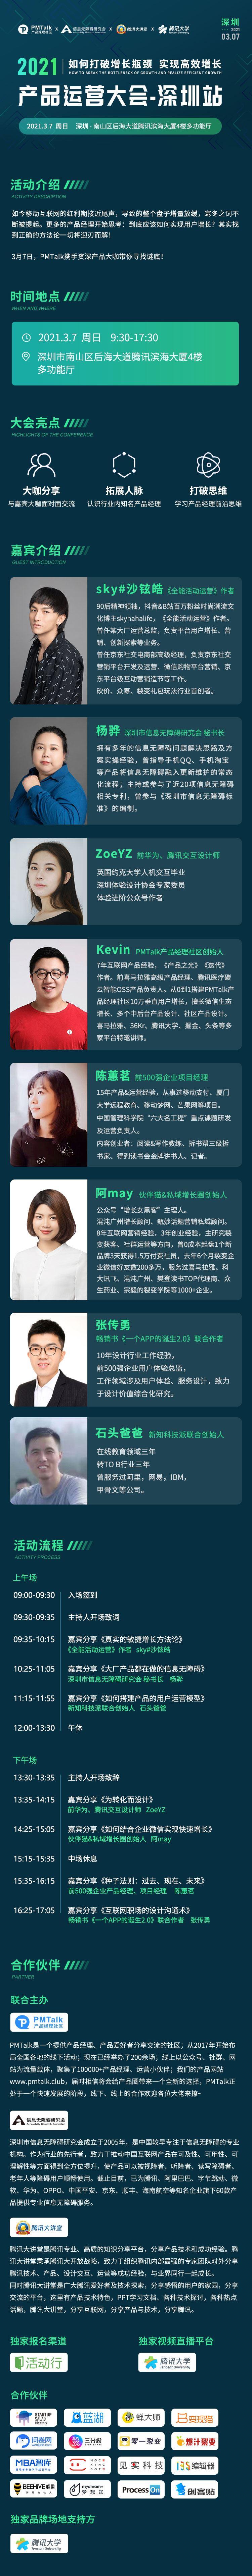 长图-深圳-活动行.jpg